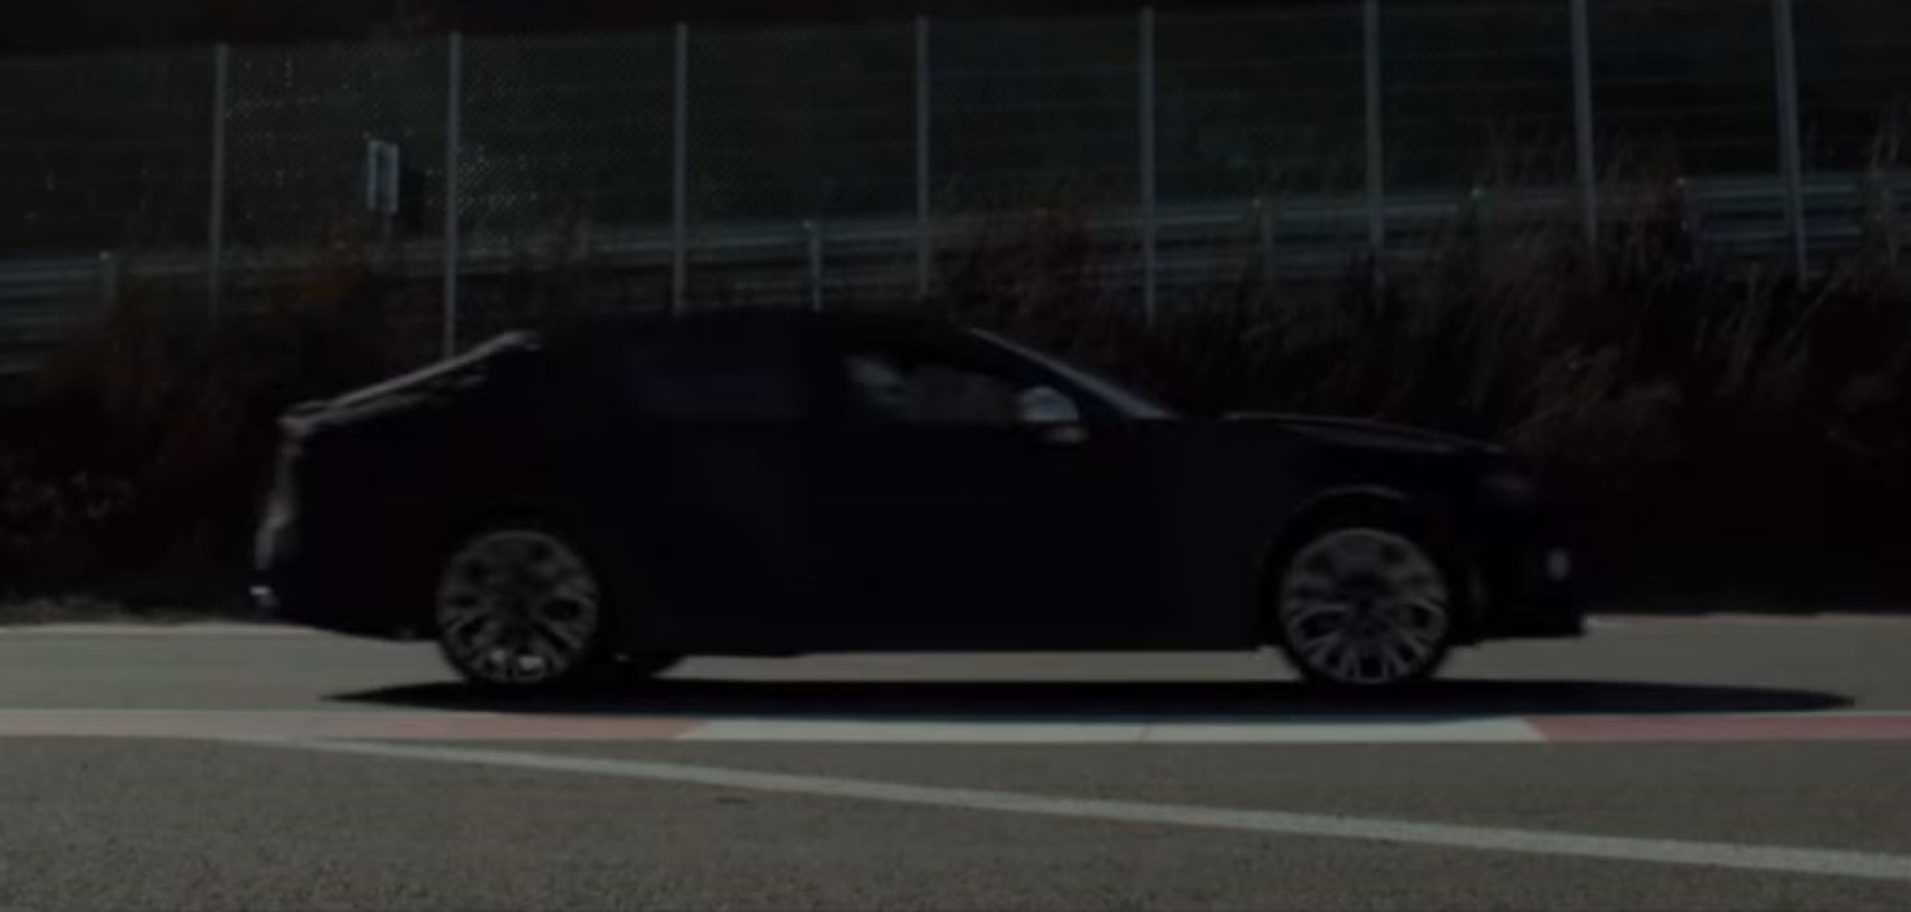 Kia GT 2017 (teaser)